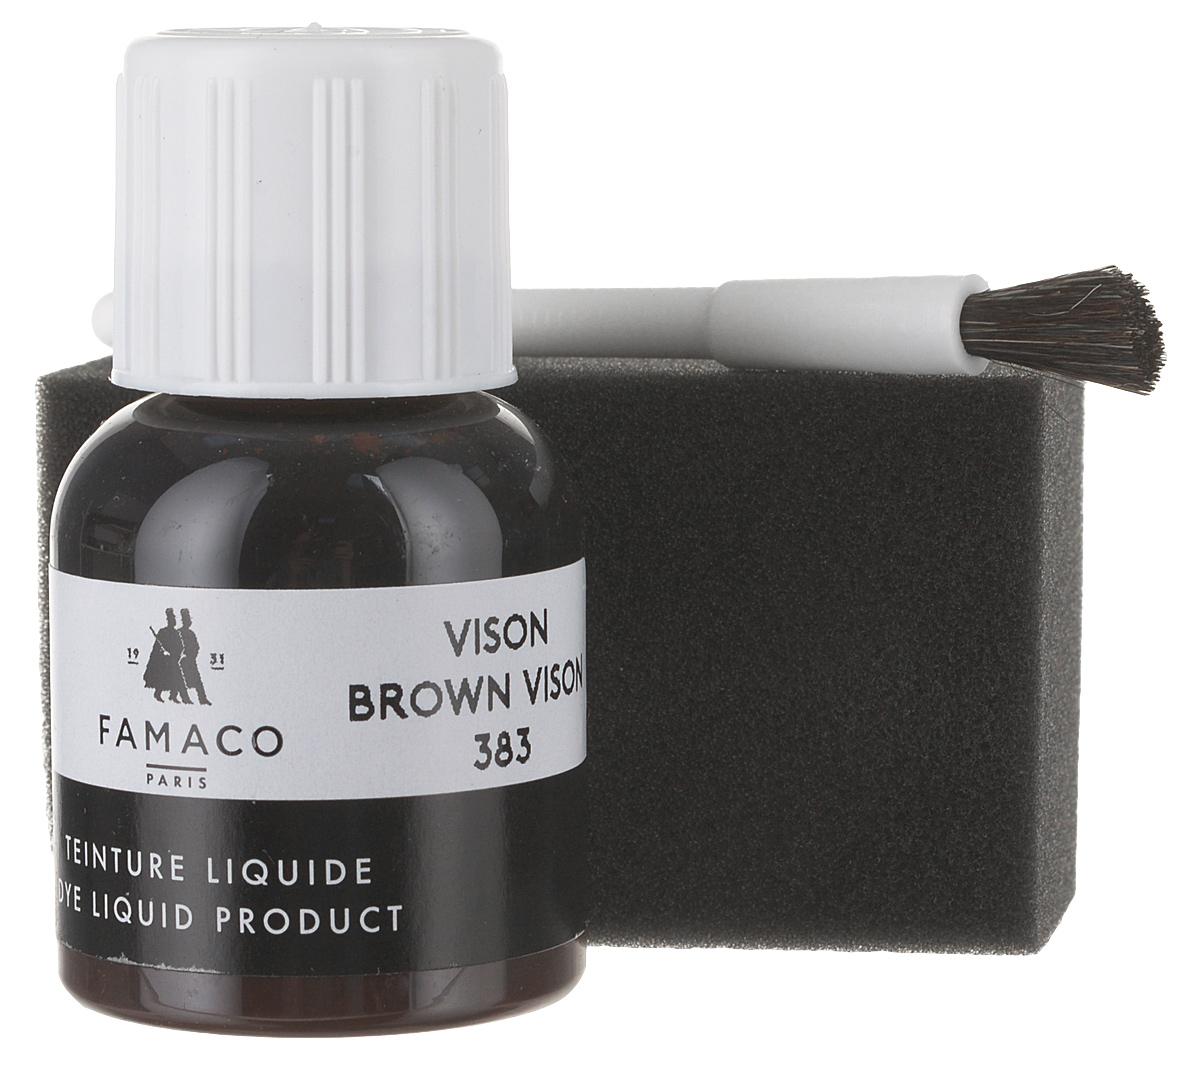 все цены на Жидкий краситель для кожи, FAMACO, темно-коричневый, 30 мл онлайн